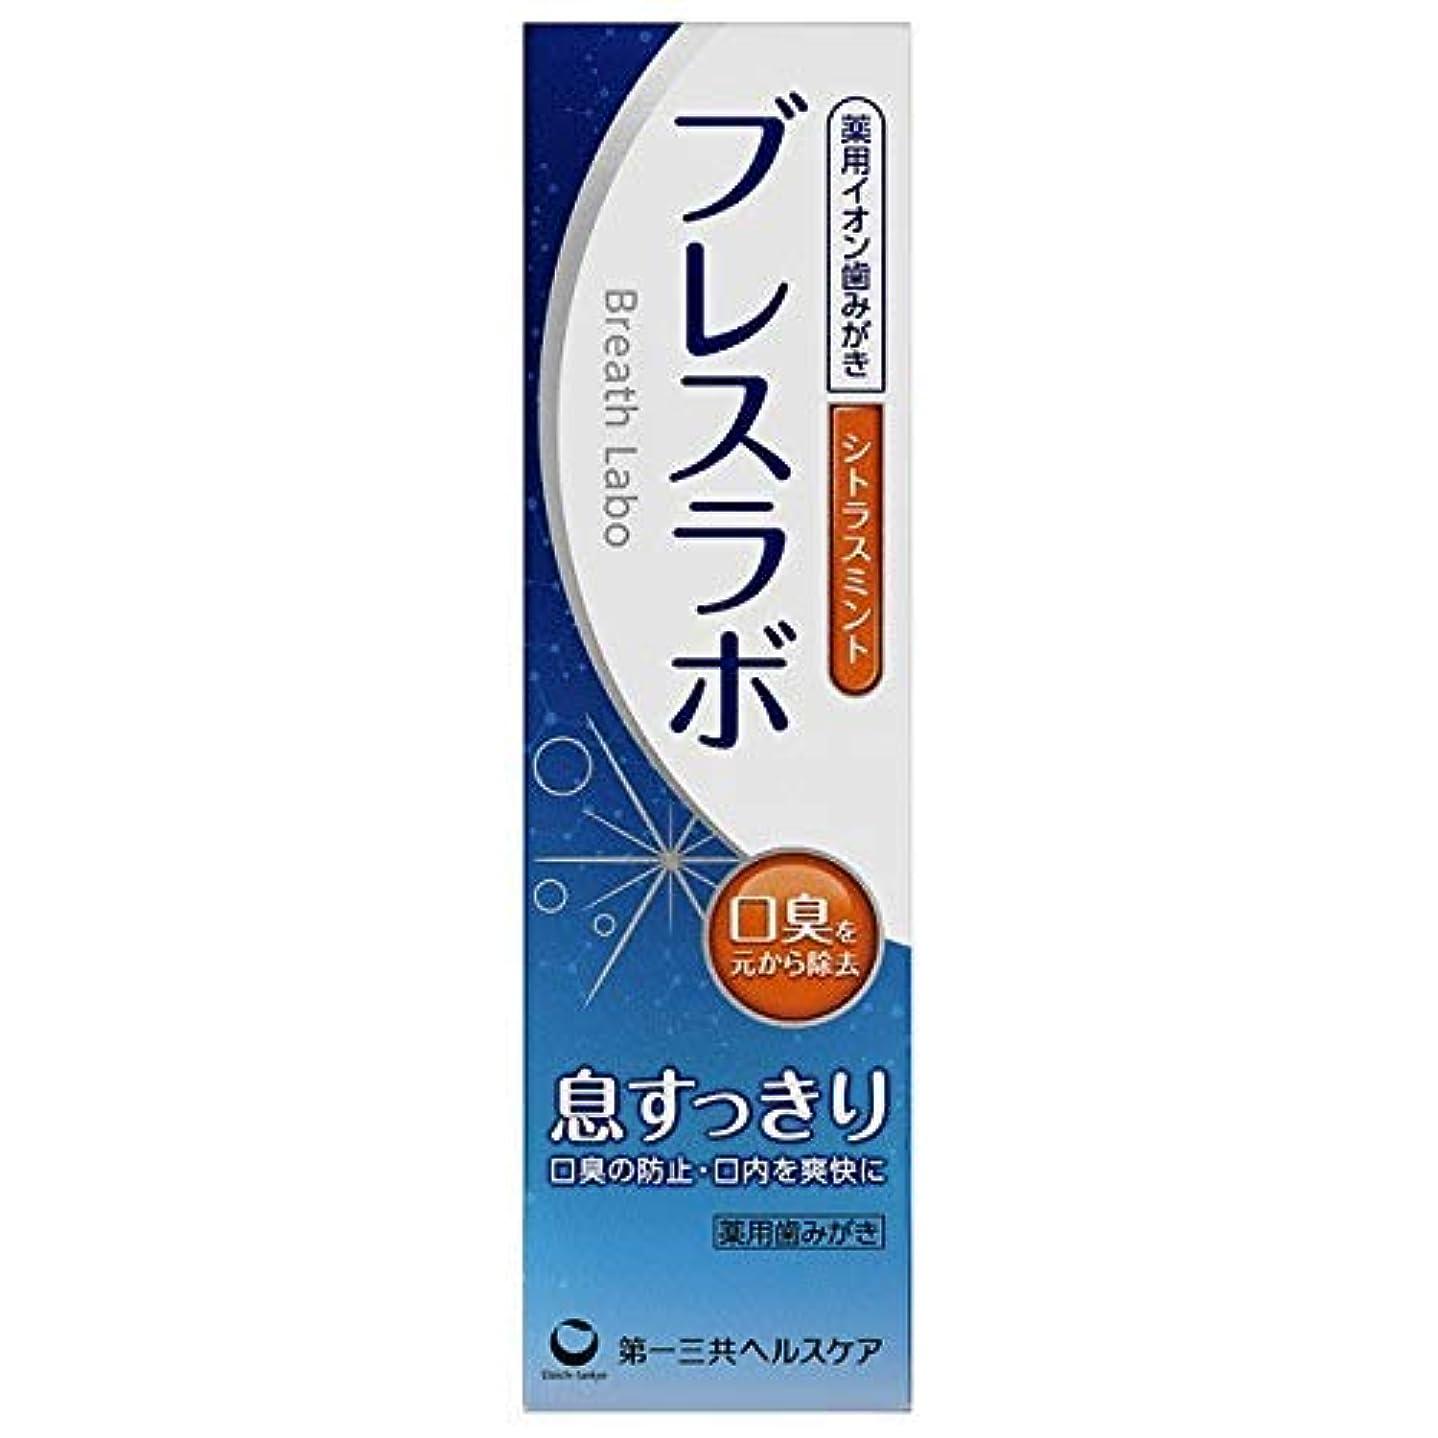 年金受給者電球フェローシップ【10個セット】ブレスラボ シトラスミント 90g